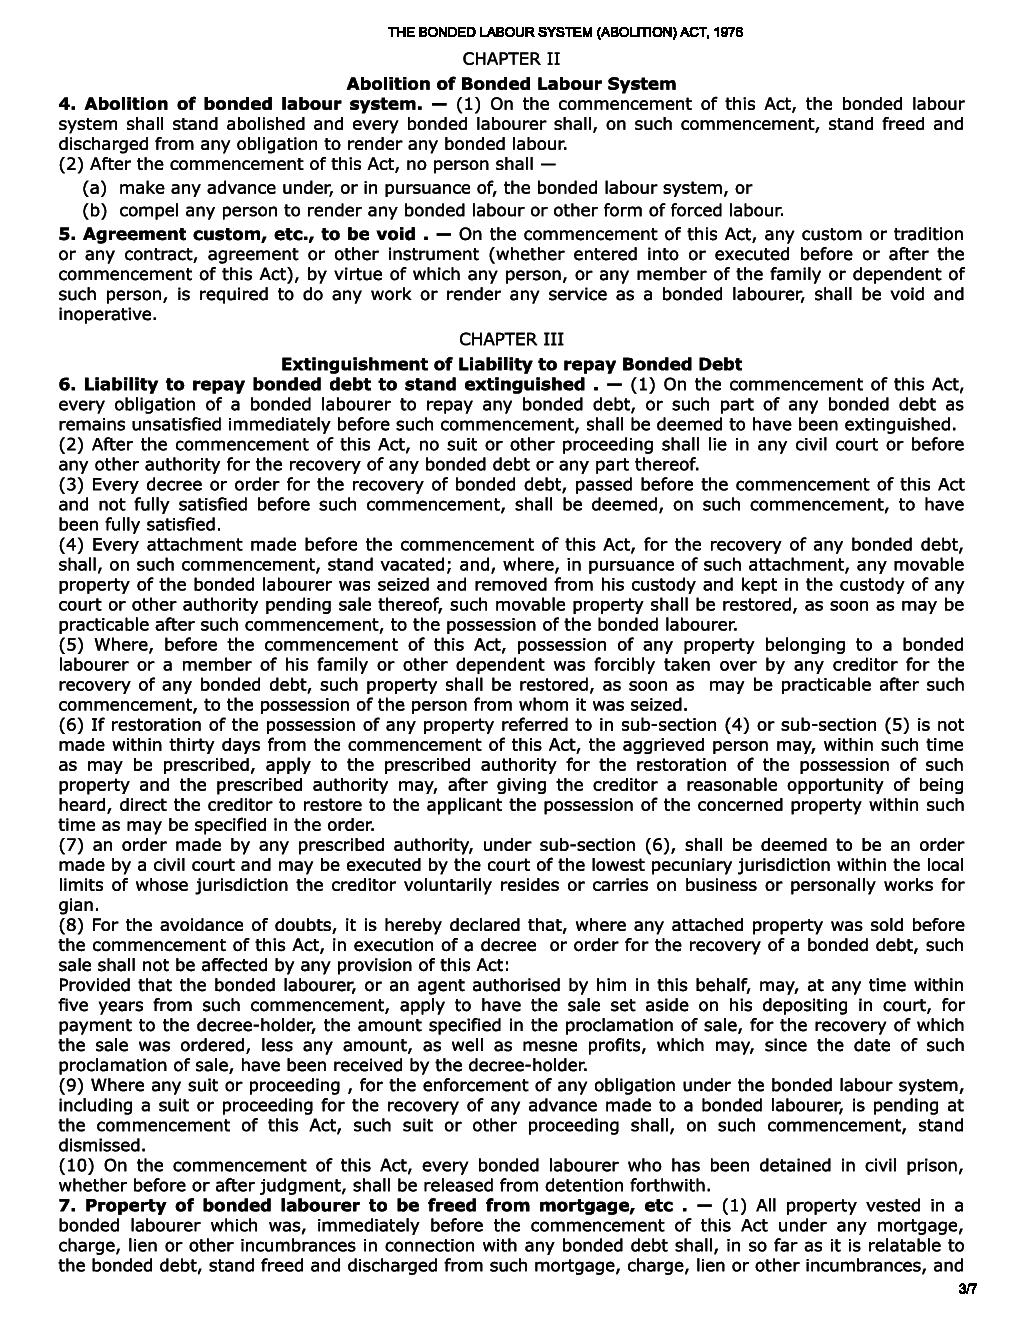 THE BONDED LABOUR SYSTEM (ABOLITION) ACT, 1976 ARRANGEMENT ...